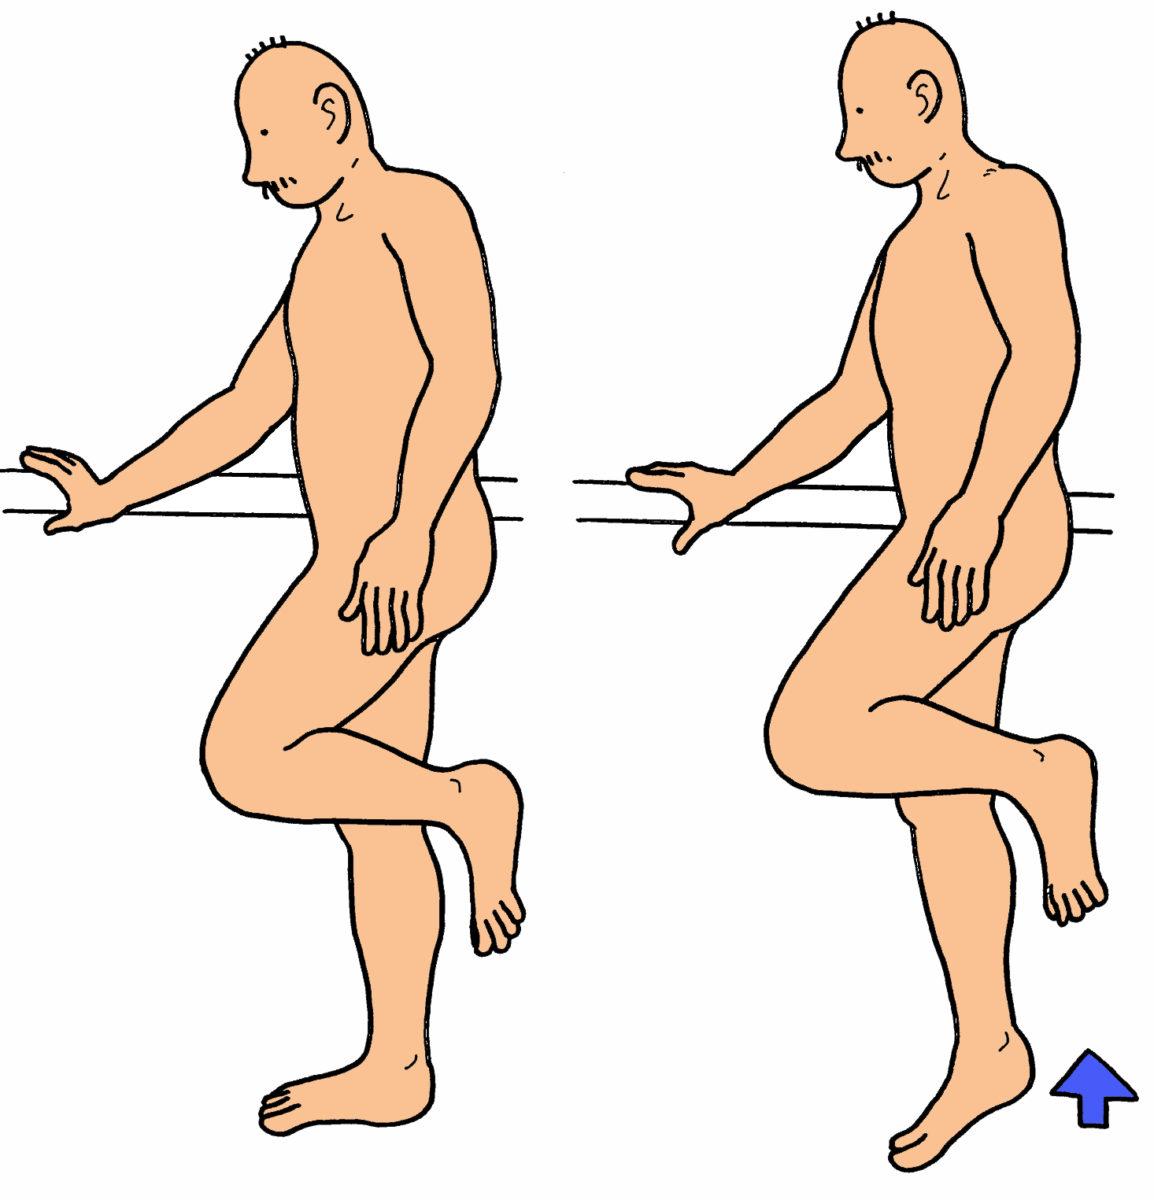 下腿三頭筋の筋力強化(片脚バージョン)